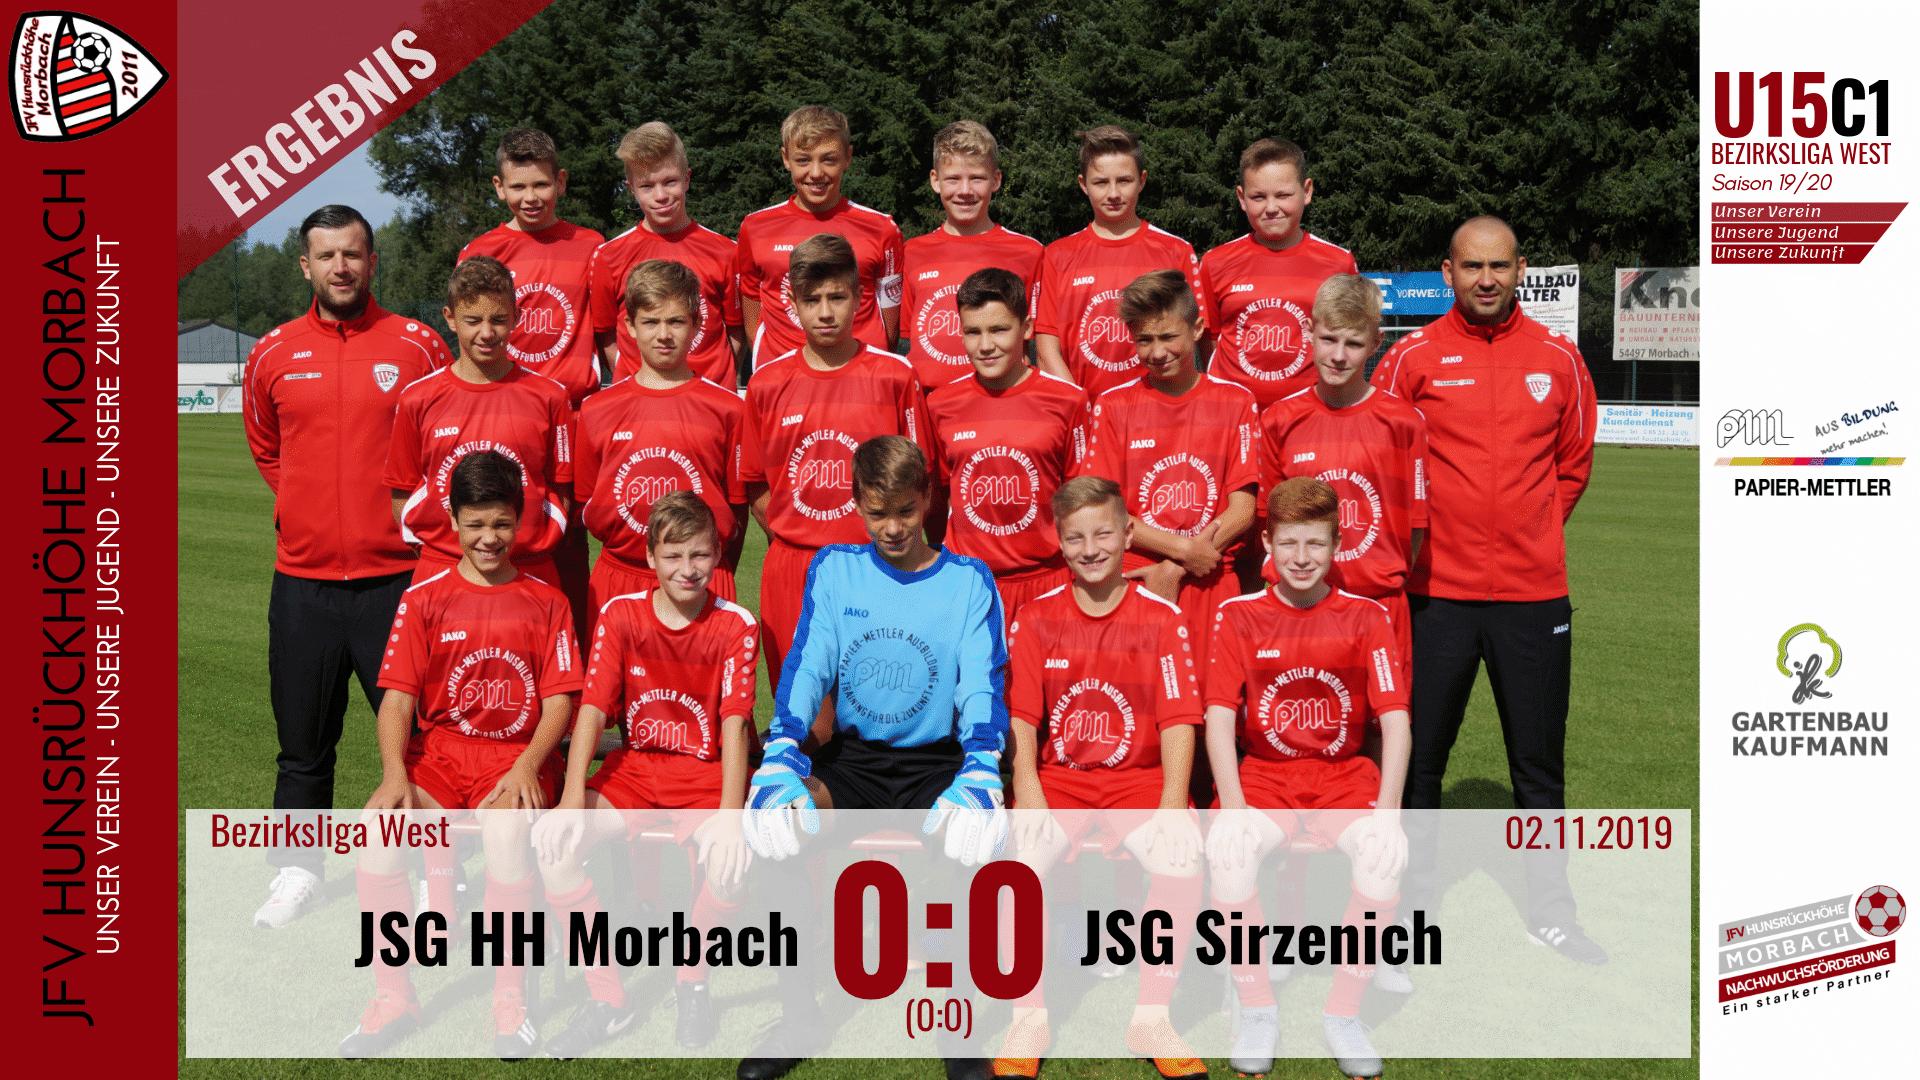 U15 C1: JFV Hunsrückhöhe Morbach – JSG Sirzenich 0:0 (0:0)